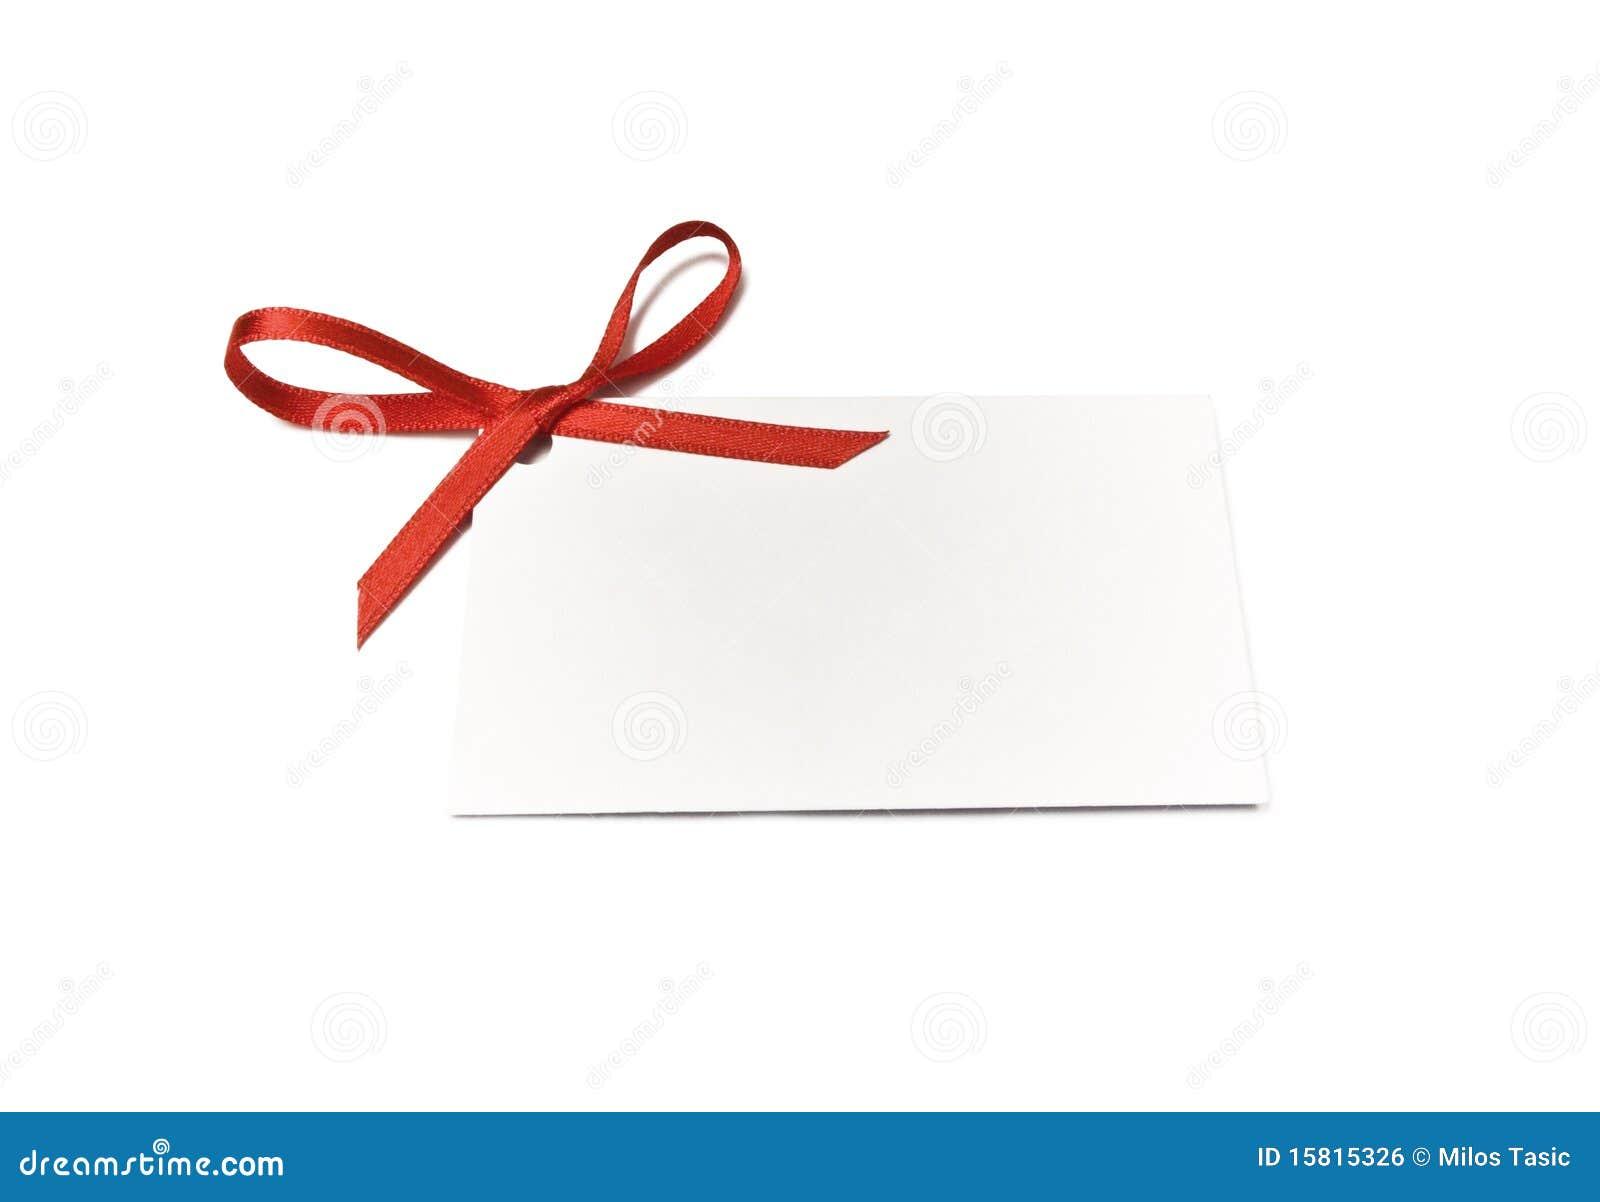 Tag do presente com fita vermelha